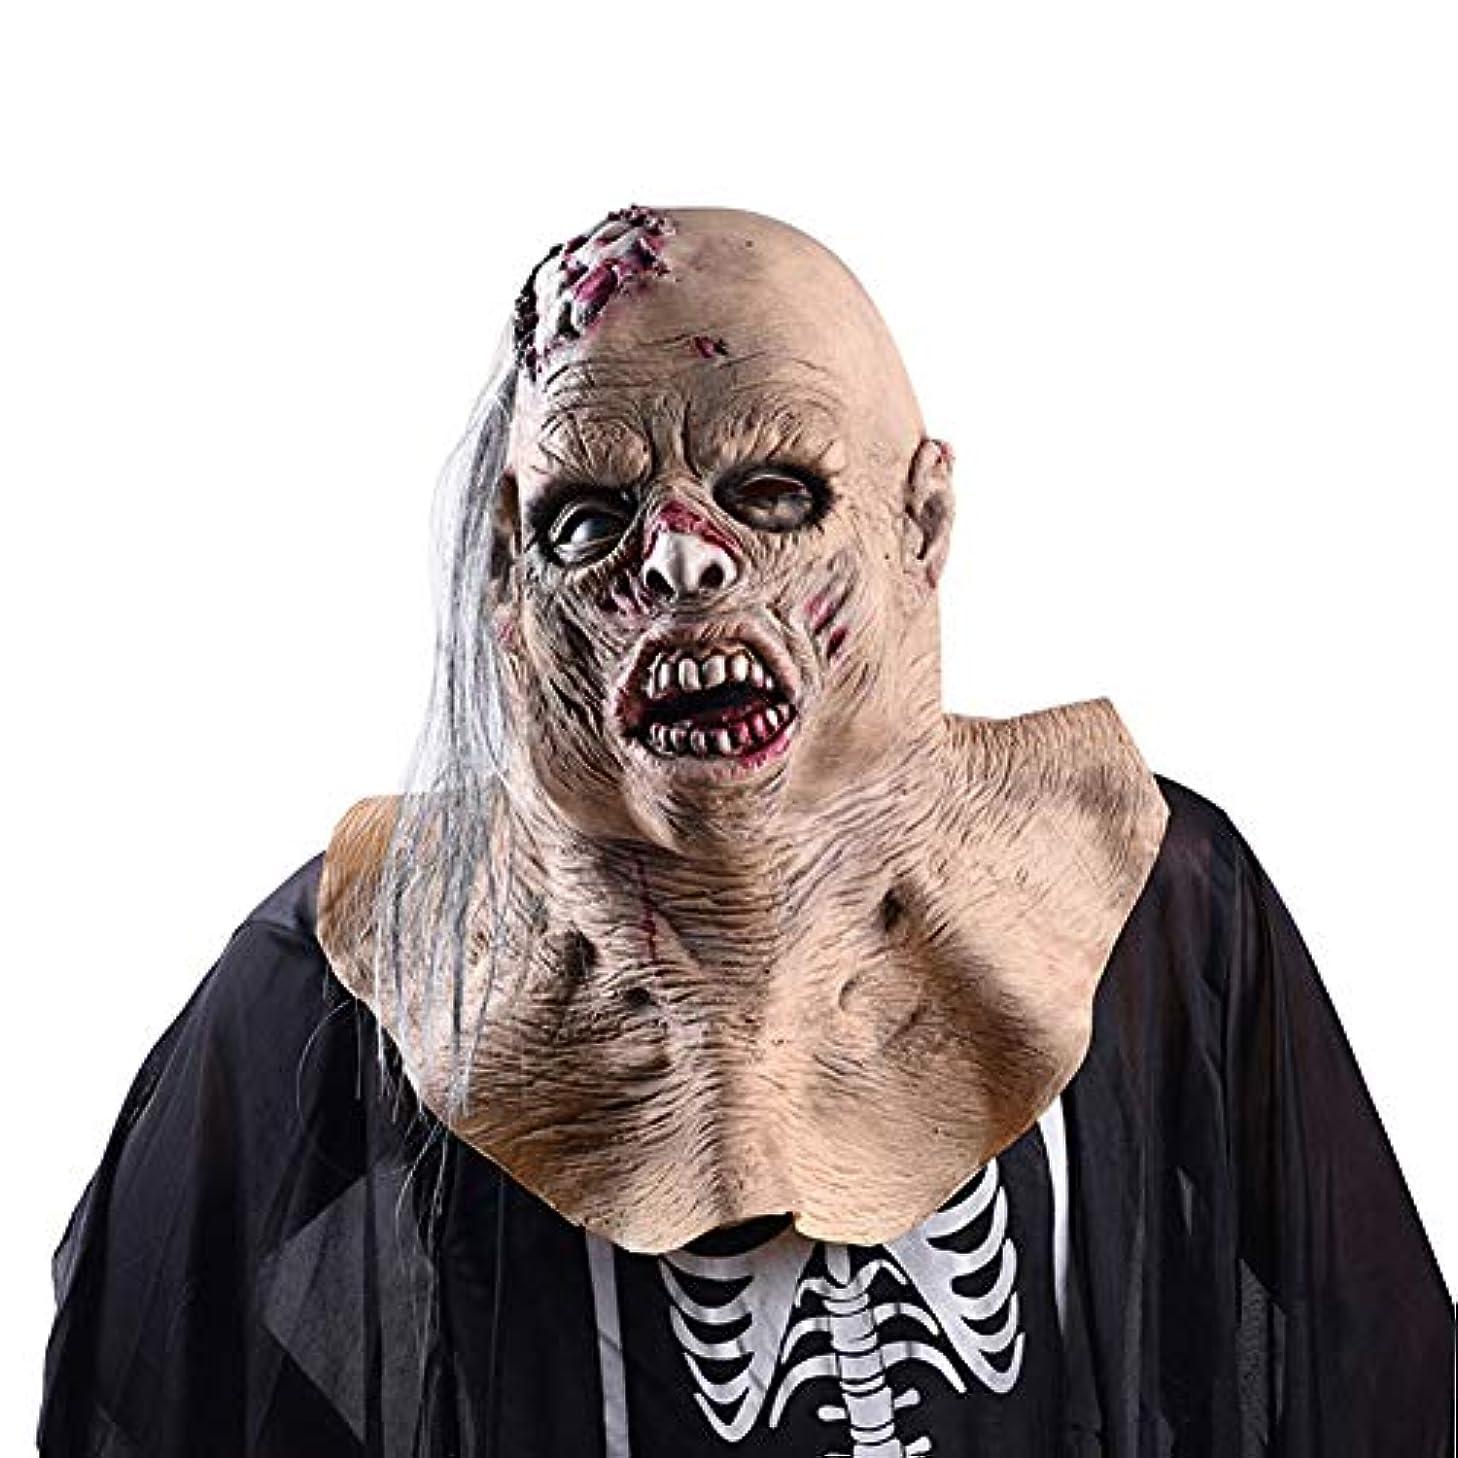 権限ケントゴルフハロウィーンマスク、吸血鬼のラテックスマスク、ハロウィーン、テーマパーティー、カーニバル、レイブパーティー、バー、小道具。